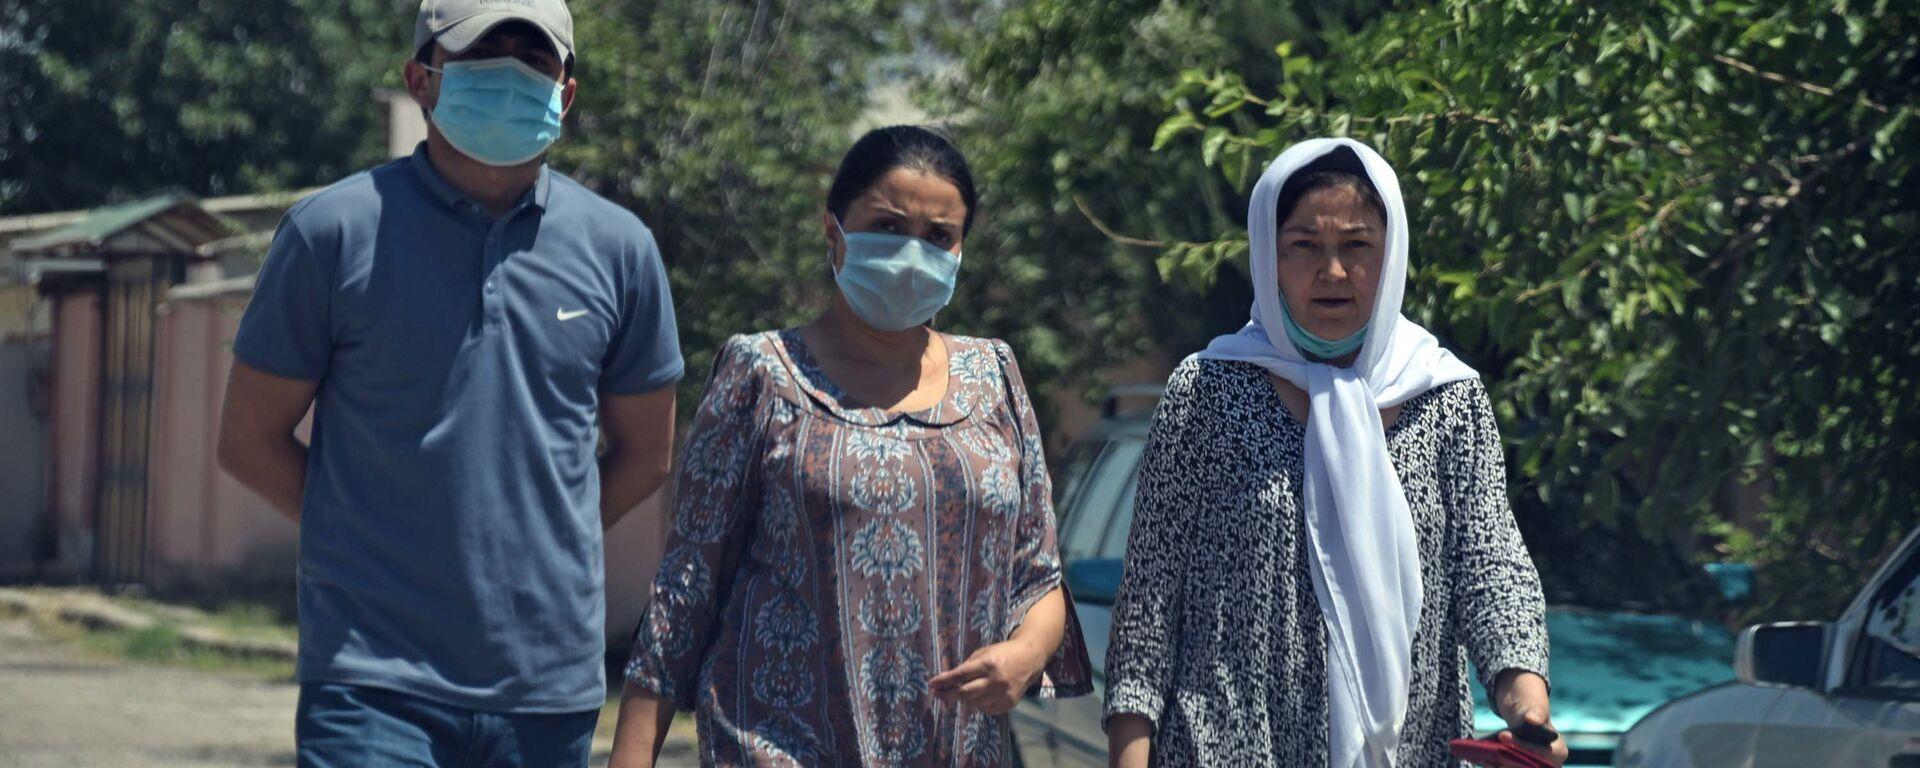 Люди в масках в Душанбе - Sputnik Таджикистан, 1920, 29.06.2021